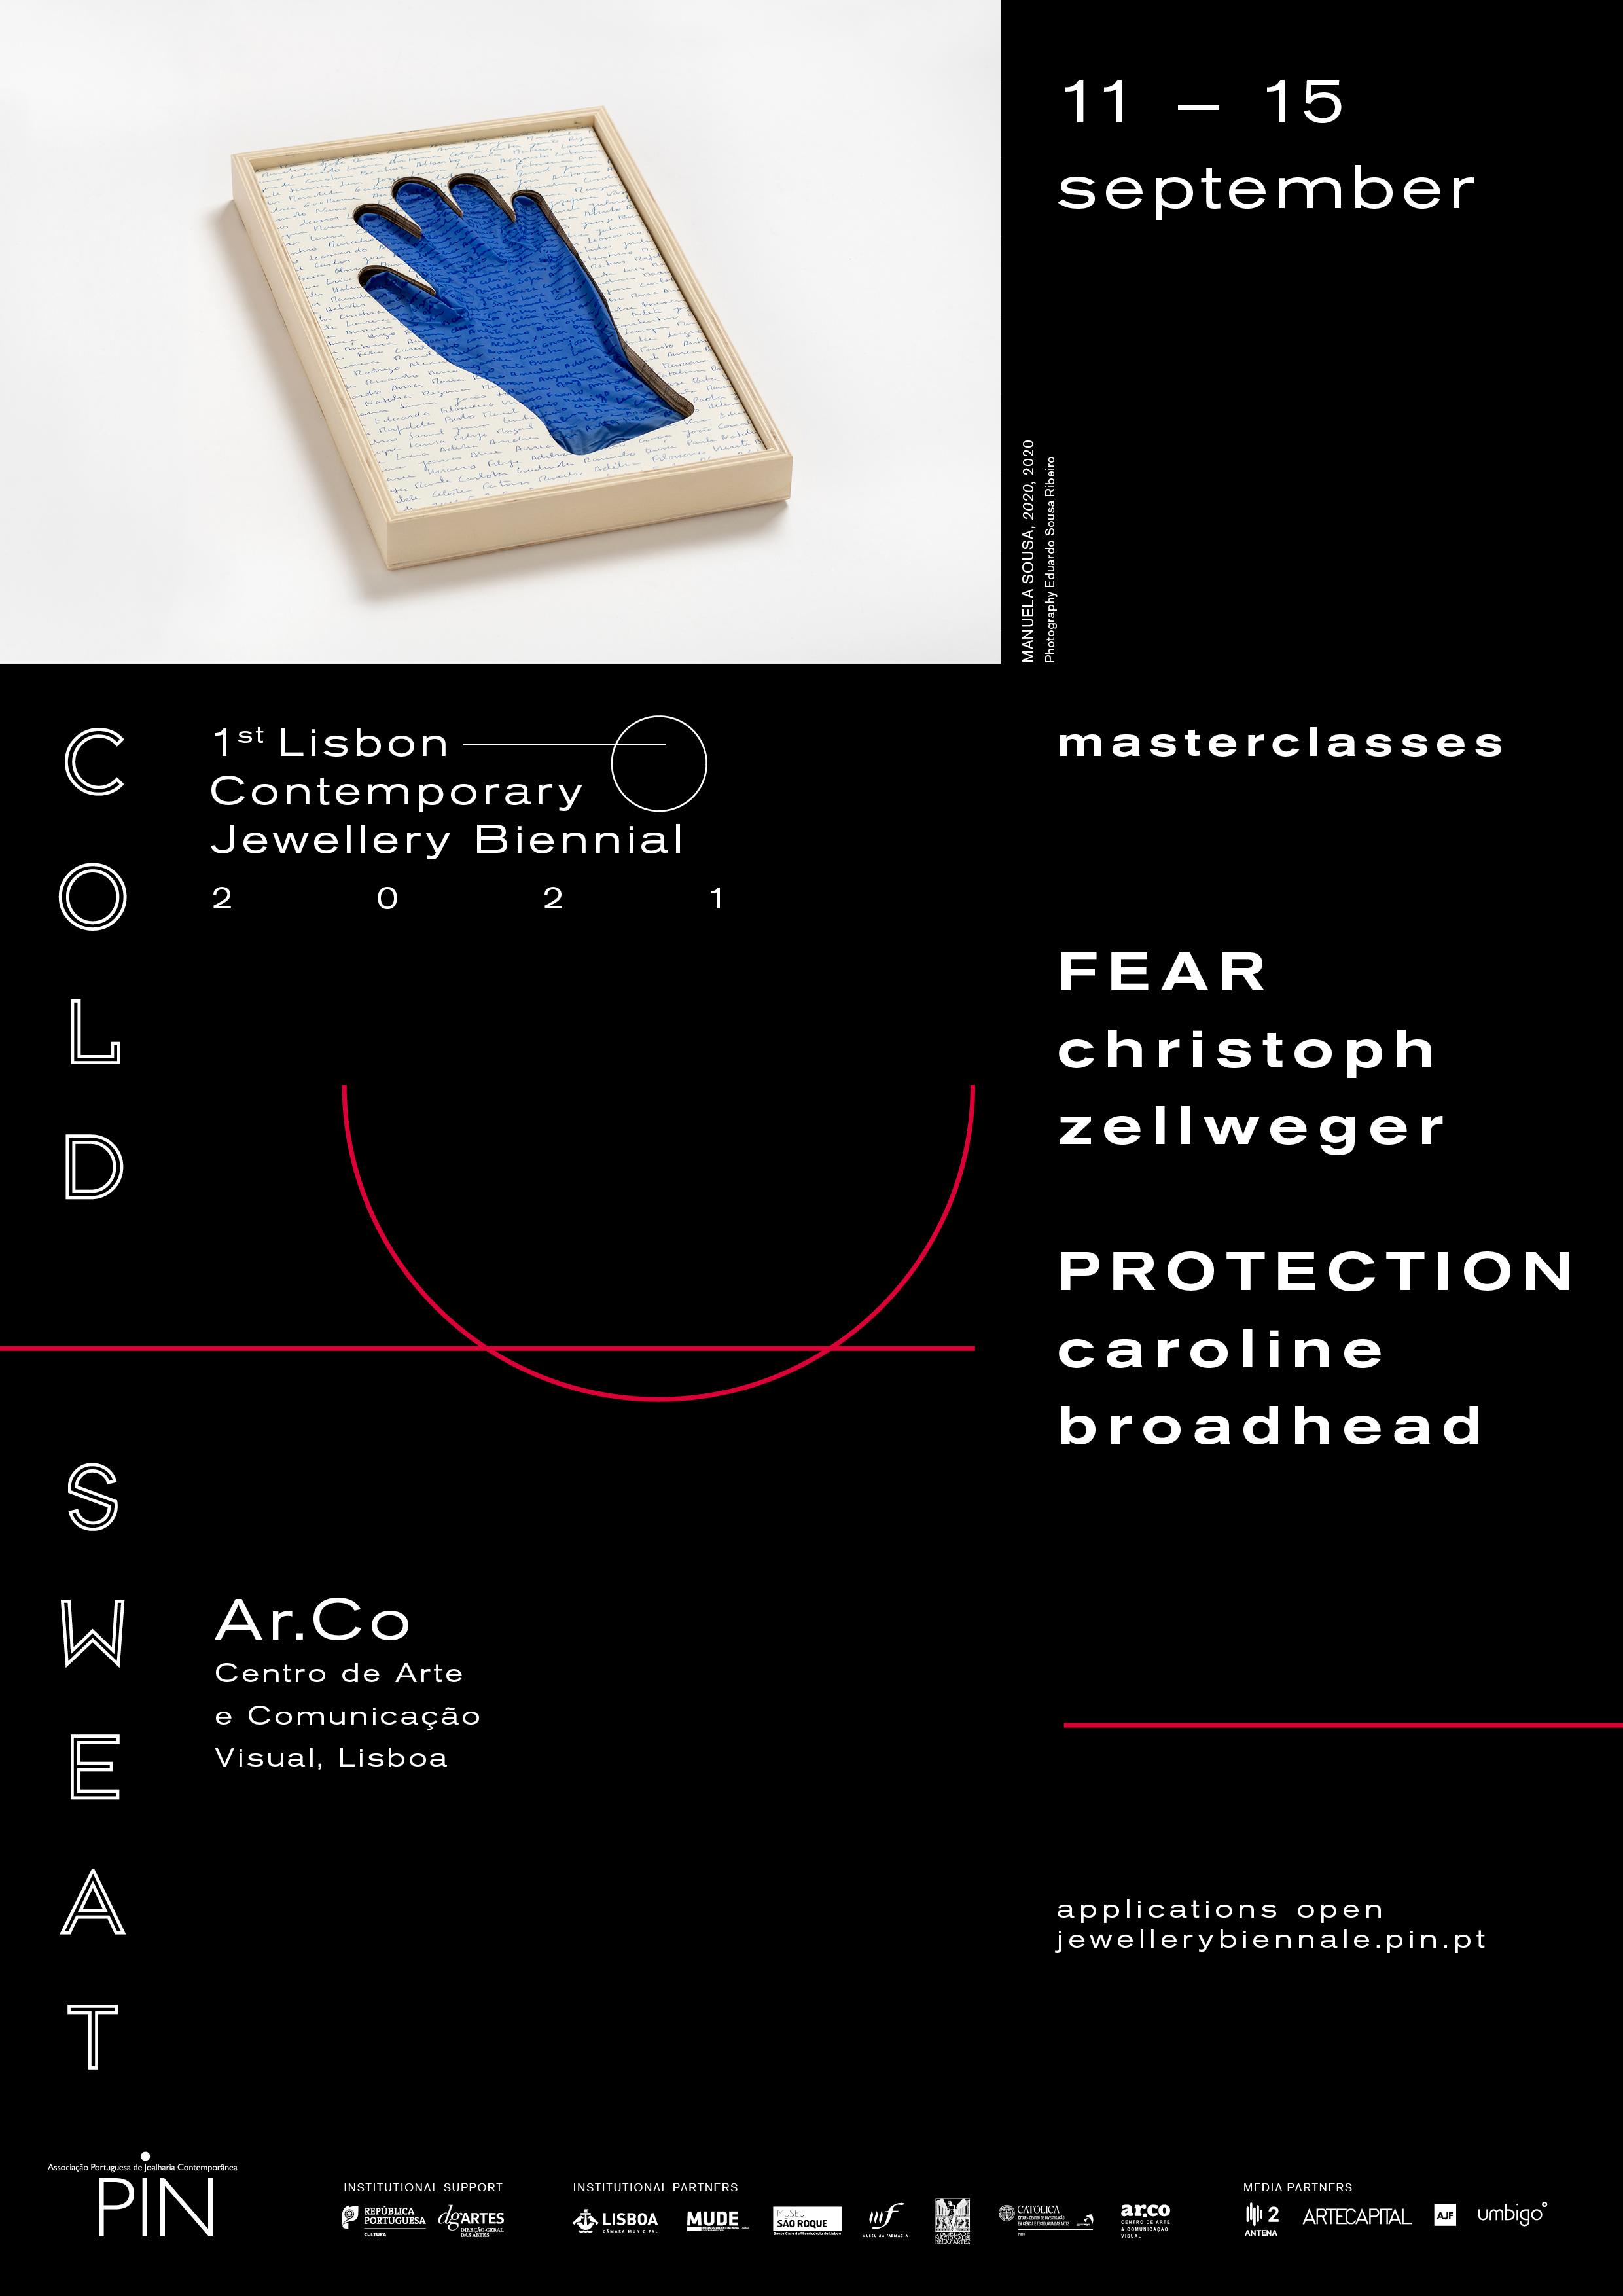 Flyer 1st Lisbon Cotemporary Jewellery Biennial 2021. Foto PIN, Ar.Co, Christoph Zellweger, Caroline Broadhead